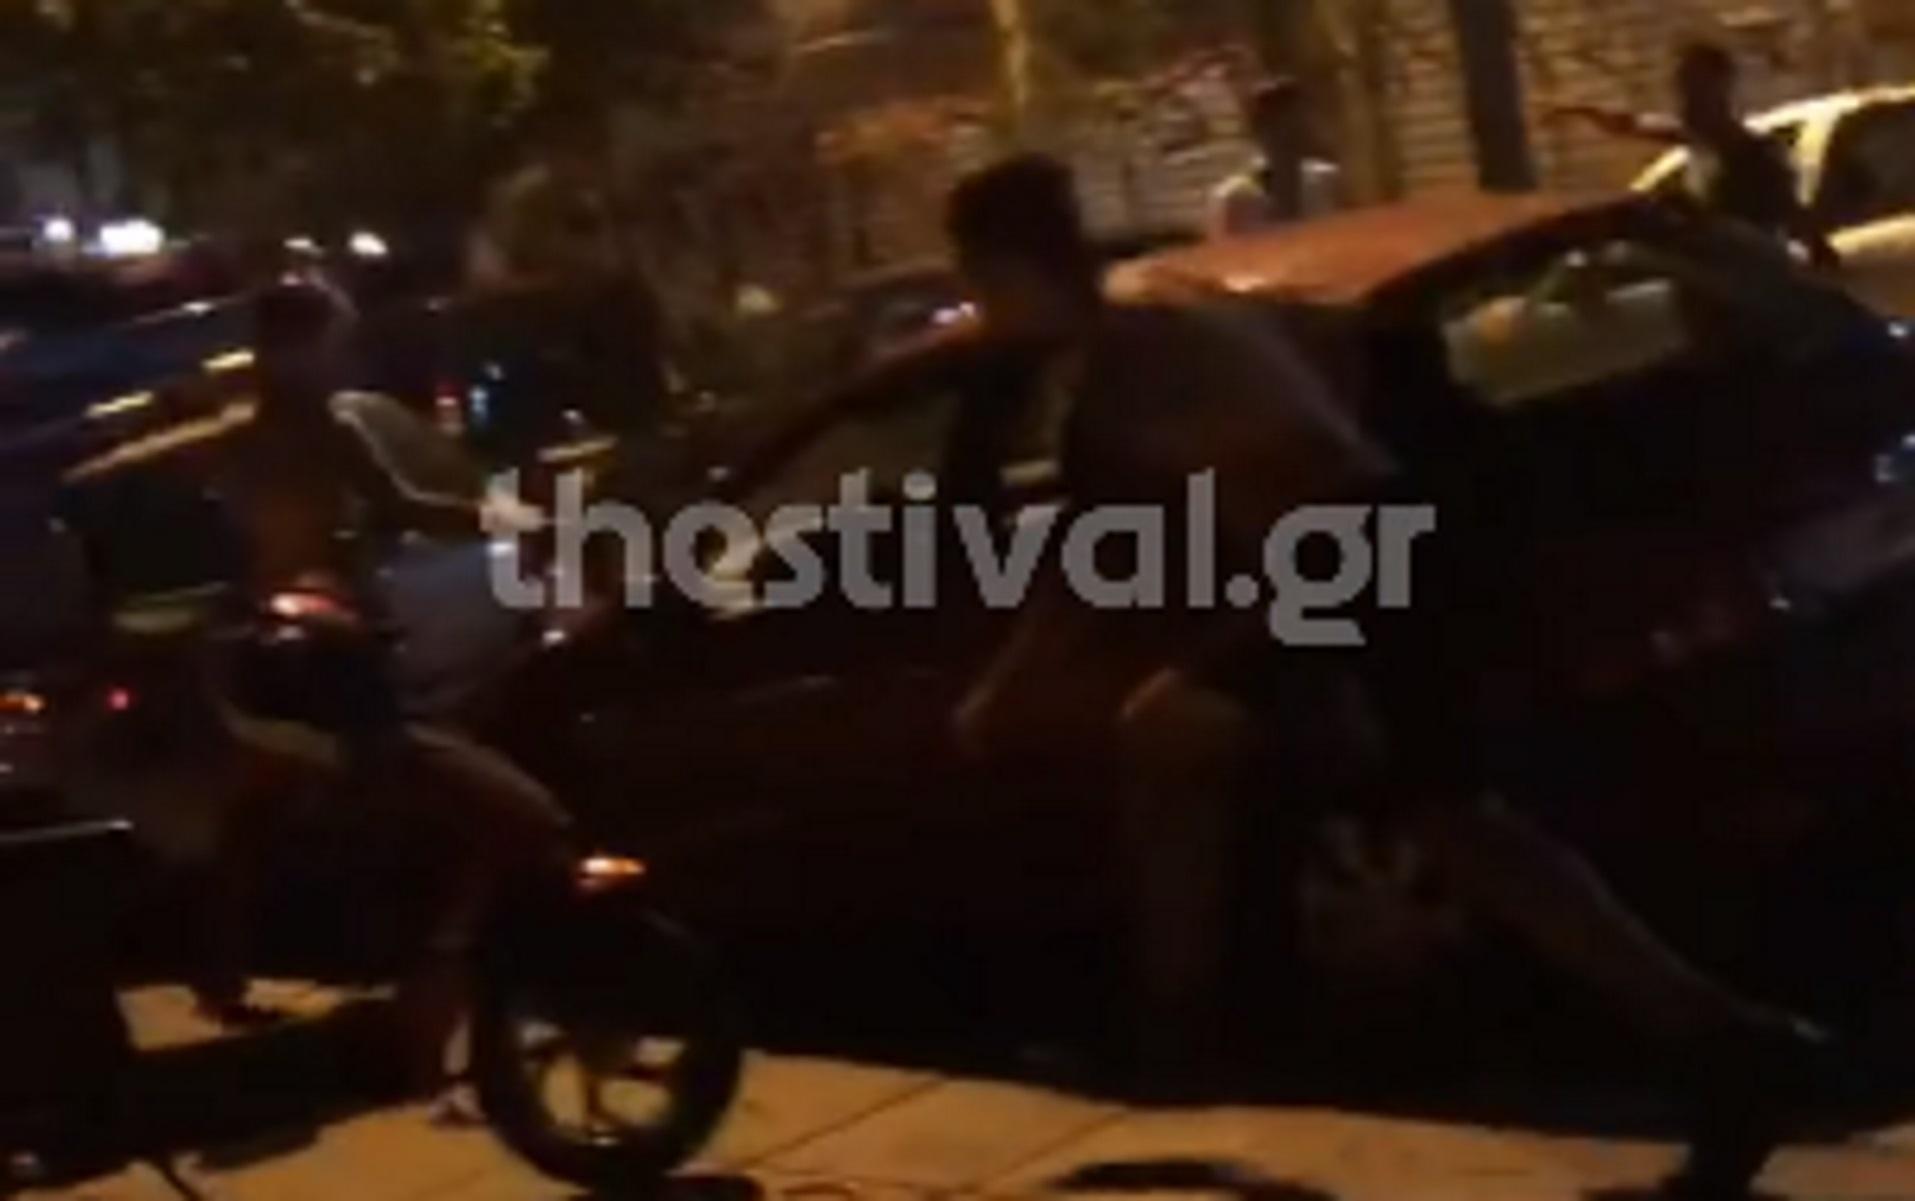 Βίντεο ντοκουμέντο από τη δολοφονία του 24χρονου Αλγερινού από 20χρονο ομοεθνή του στη Θεσσαλονίκη